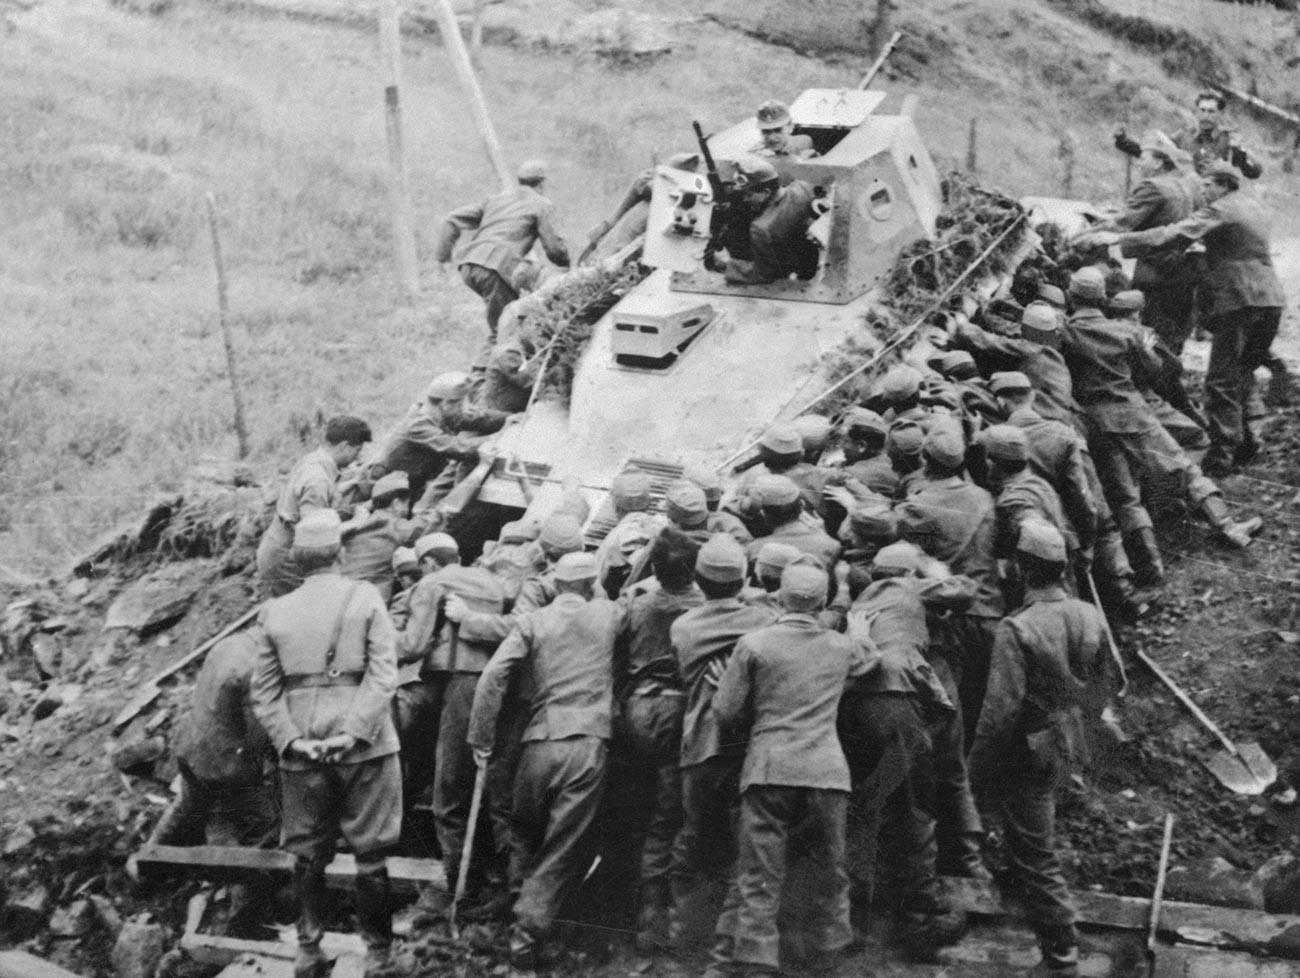 Más de 50 soldados húngaros están poniendo sus hombros a las ruedas en un esfuerzo por recuperar este tanque soviético inutilizado.